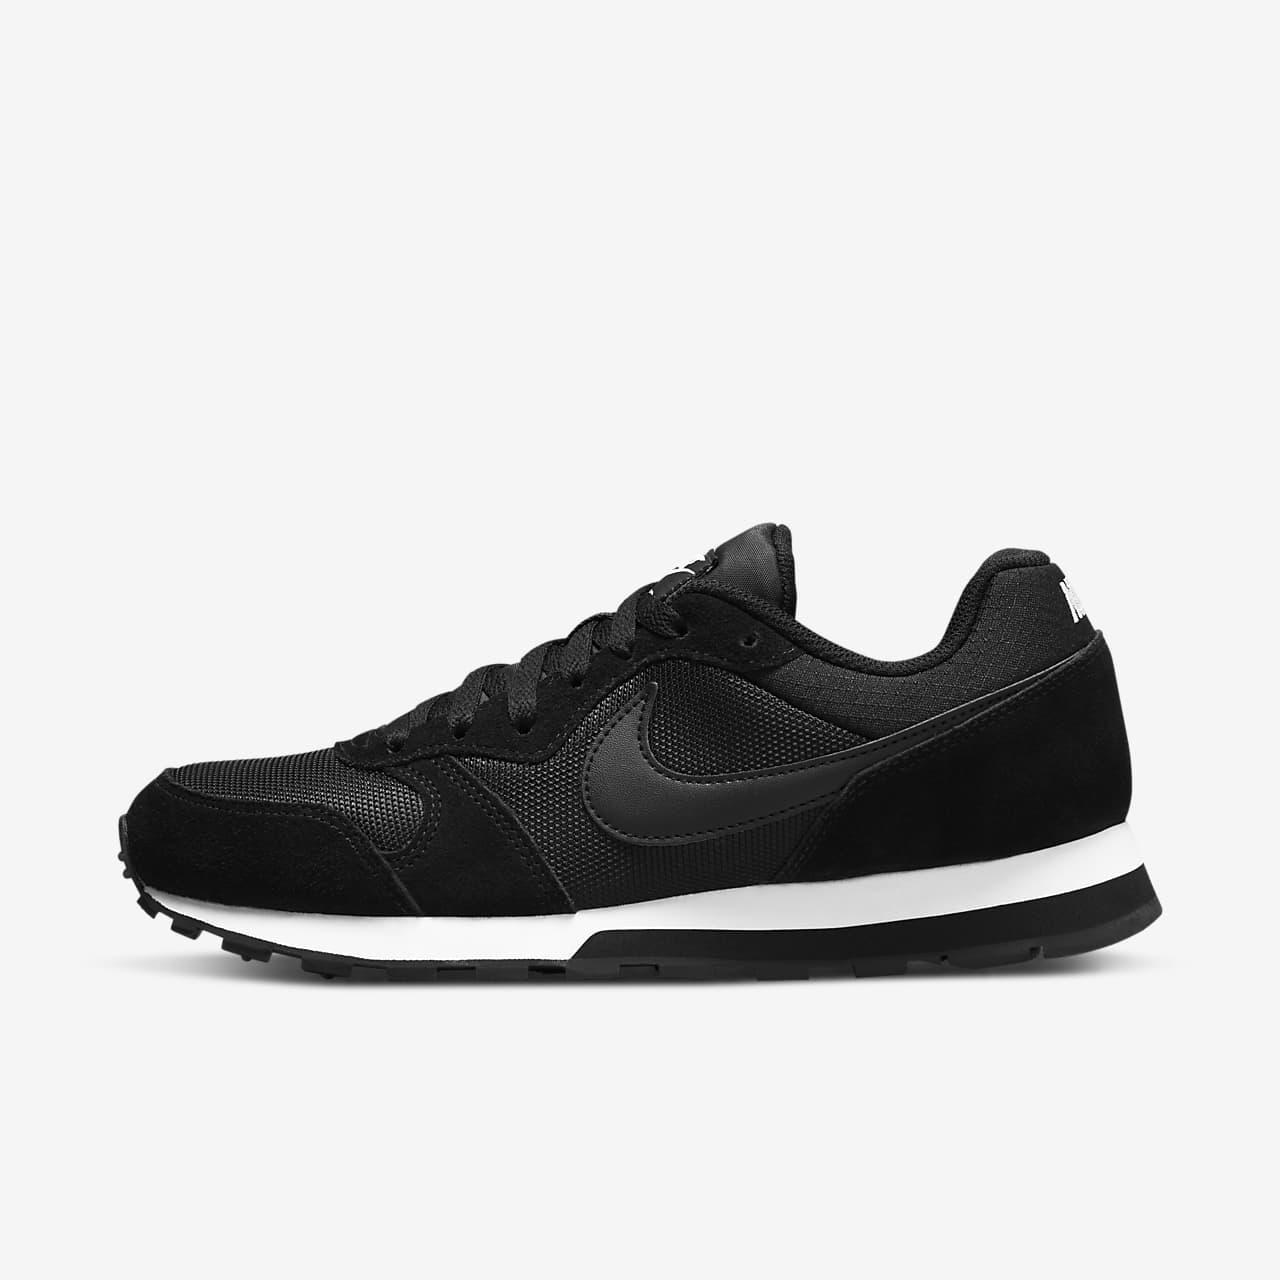 the best attitude 3a8b0 d7578 ... Sko Nike MD Runner 2 för kvinnor